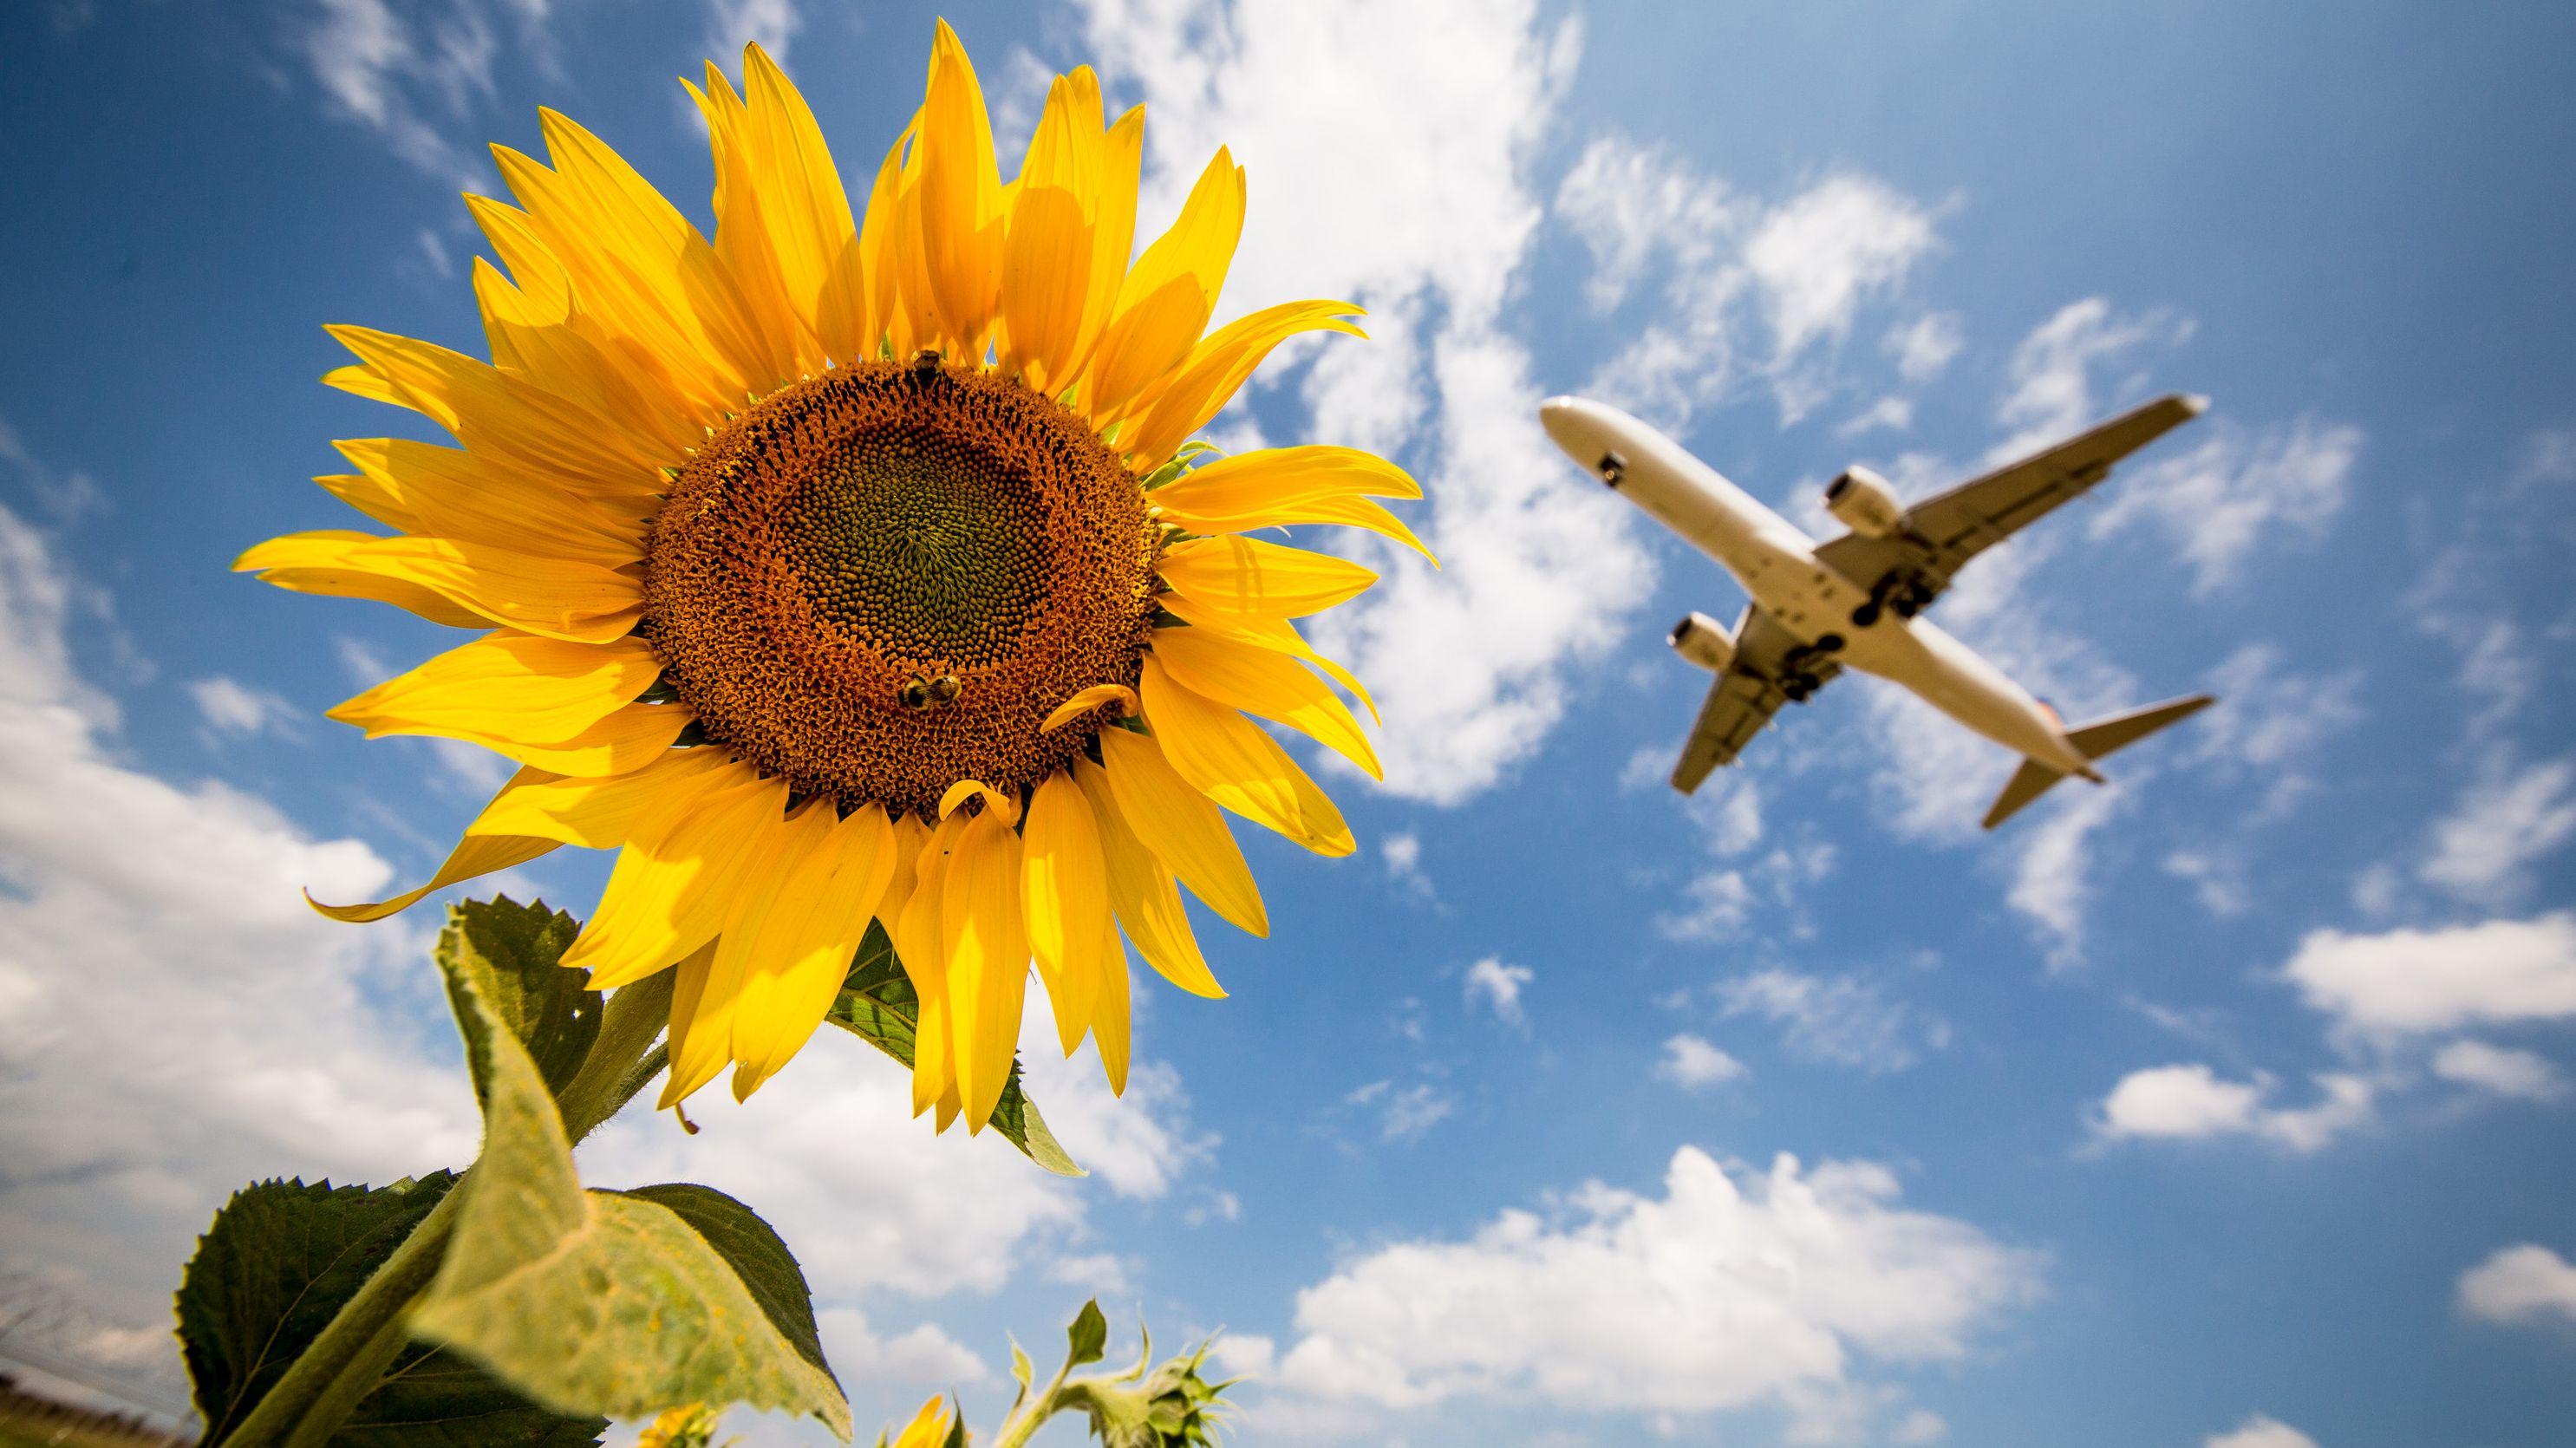 Sonnenblume und im Hintergrund ist ein Flugzeug